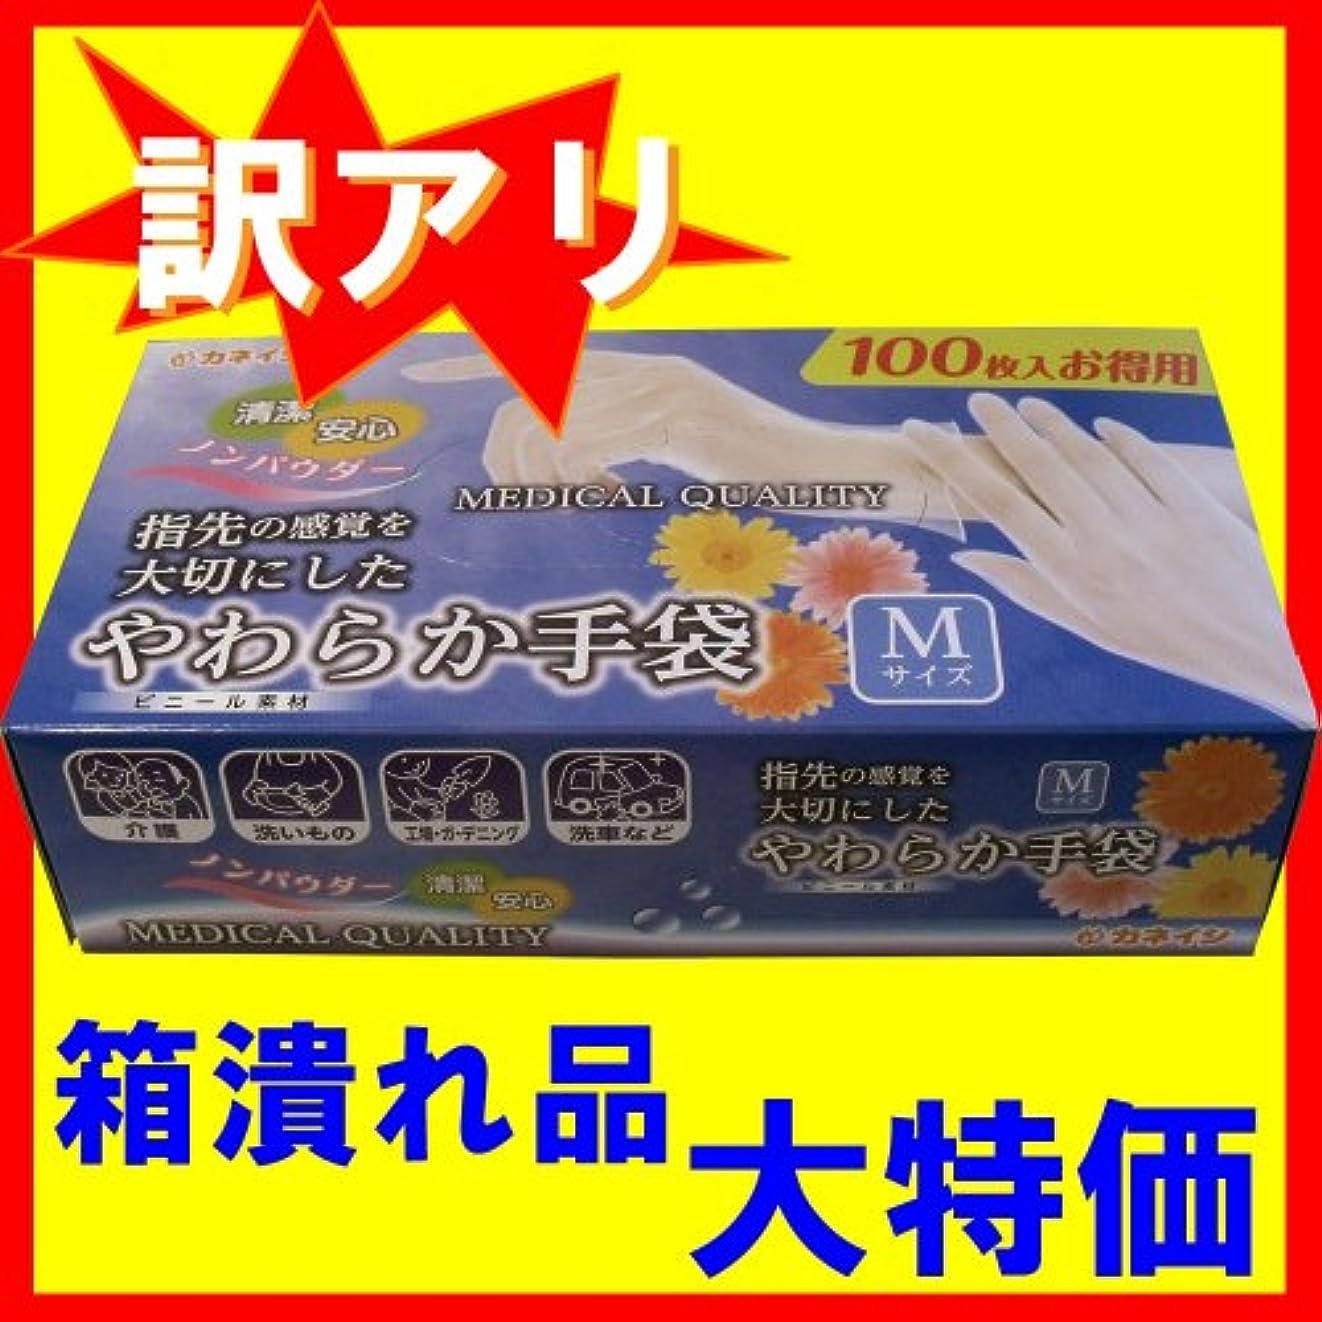 持つ謝罪する同種の【訳アリ】金石衛材 やわらか手袋 Mサイズ 100枚入